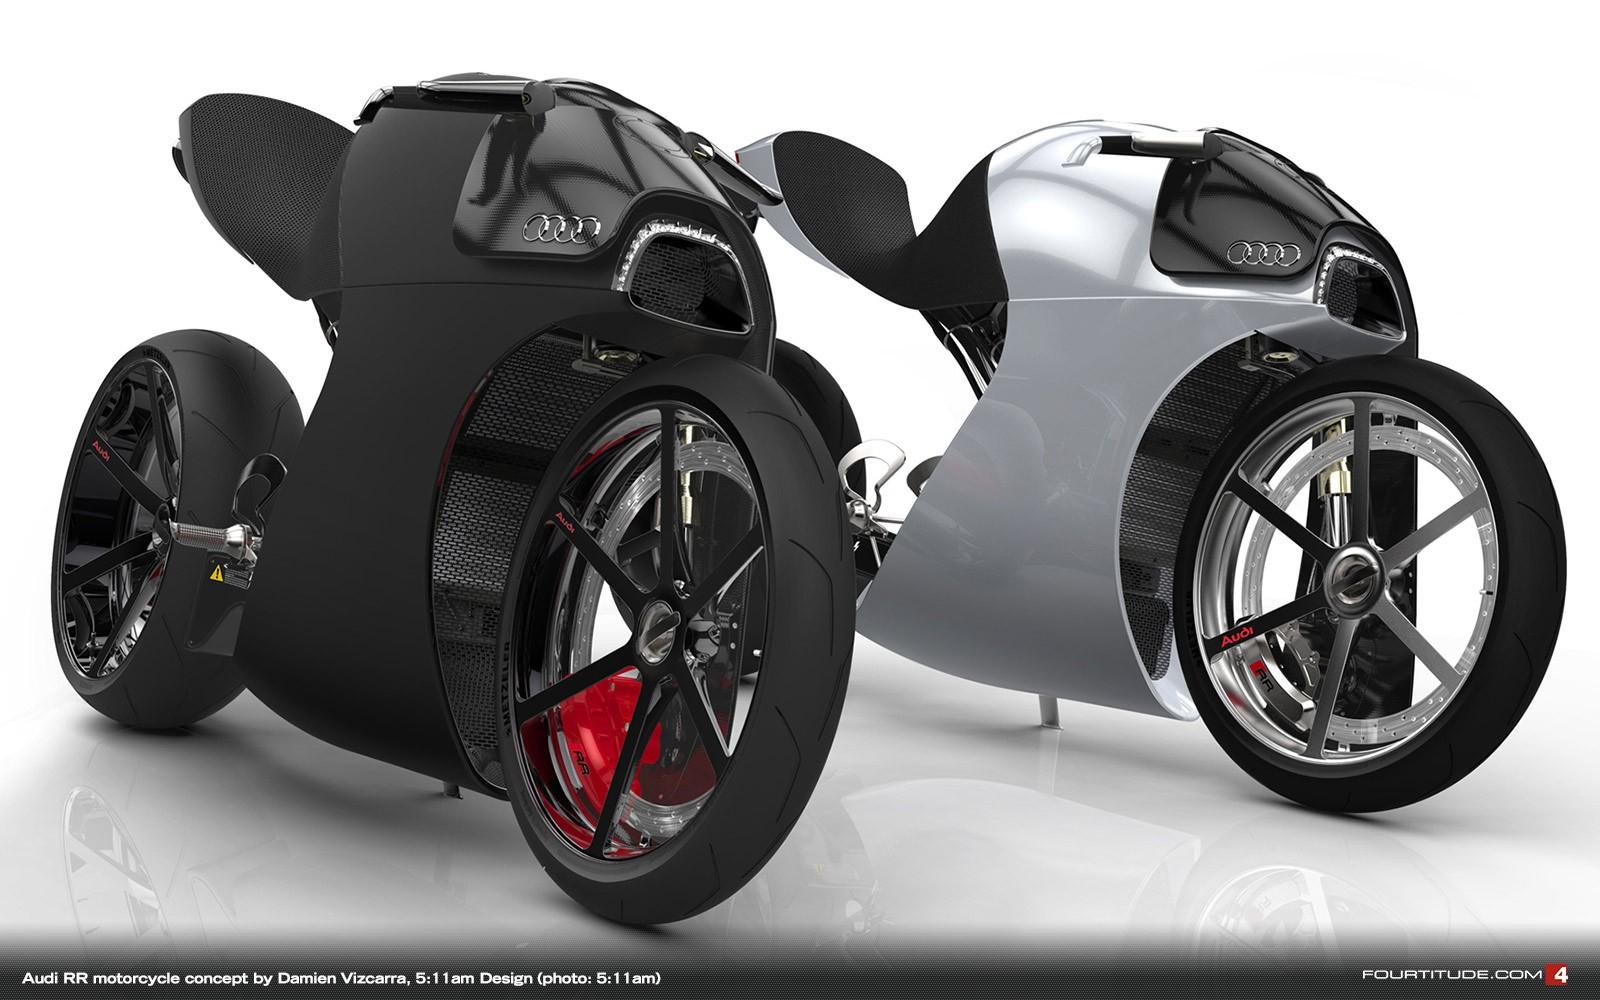 audi-rr-concept-bike-is-a-glimpse-into-the-future-photo-gallery_8